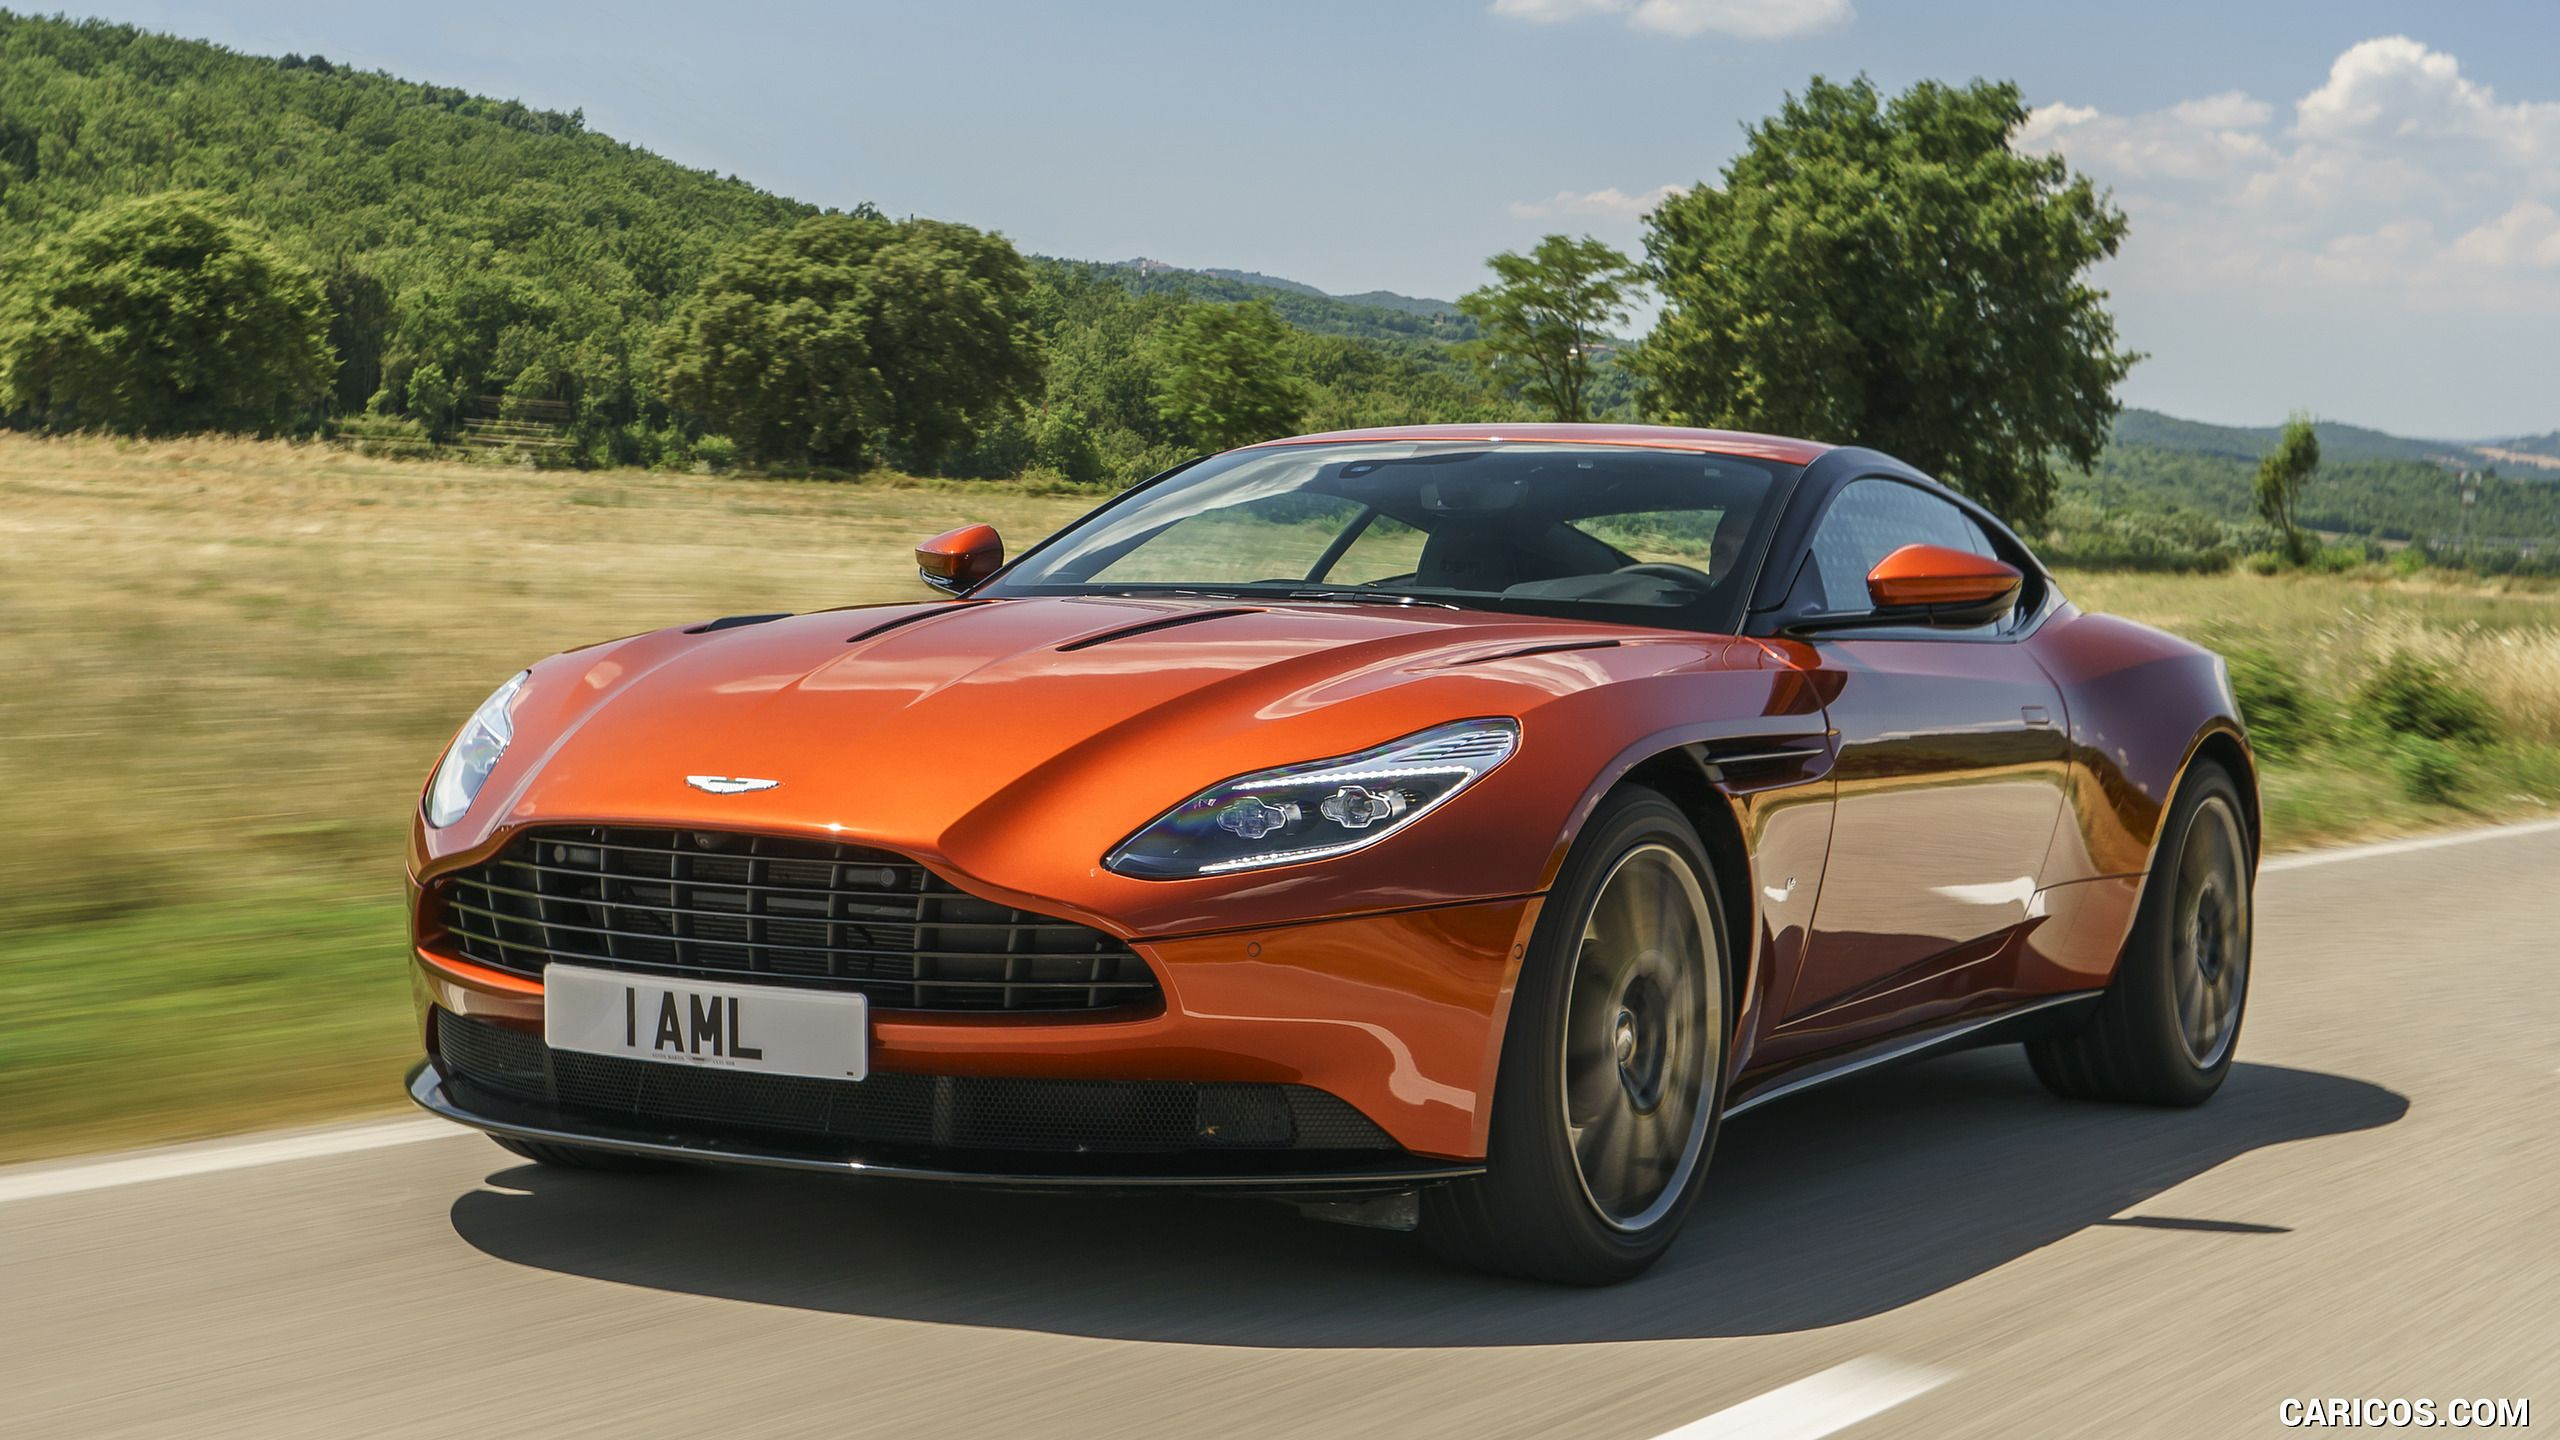 Aston Martin Cinnabar Orange Cool Sports Cars New Sports Cars Sports Car